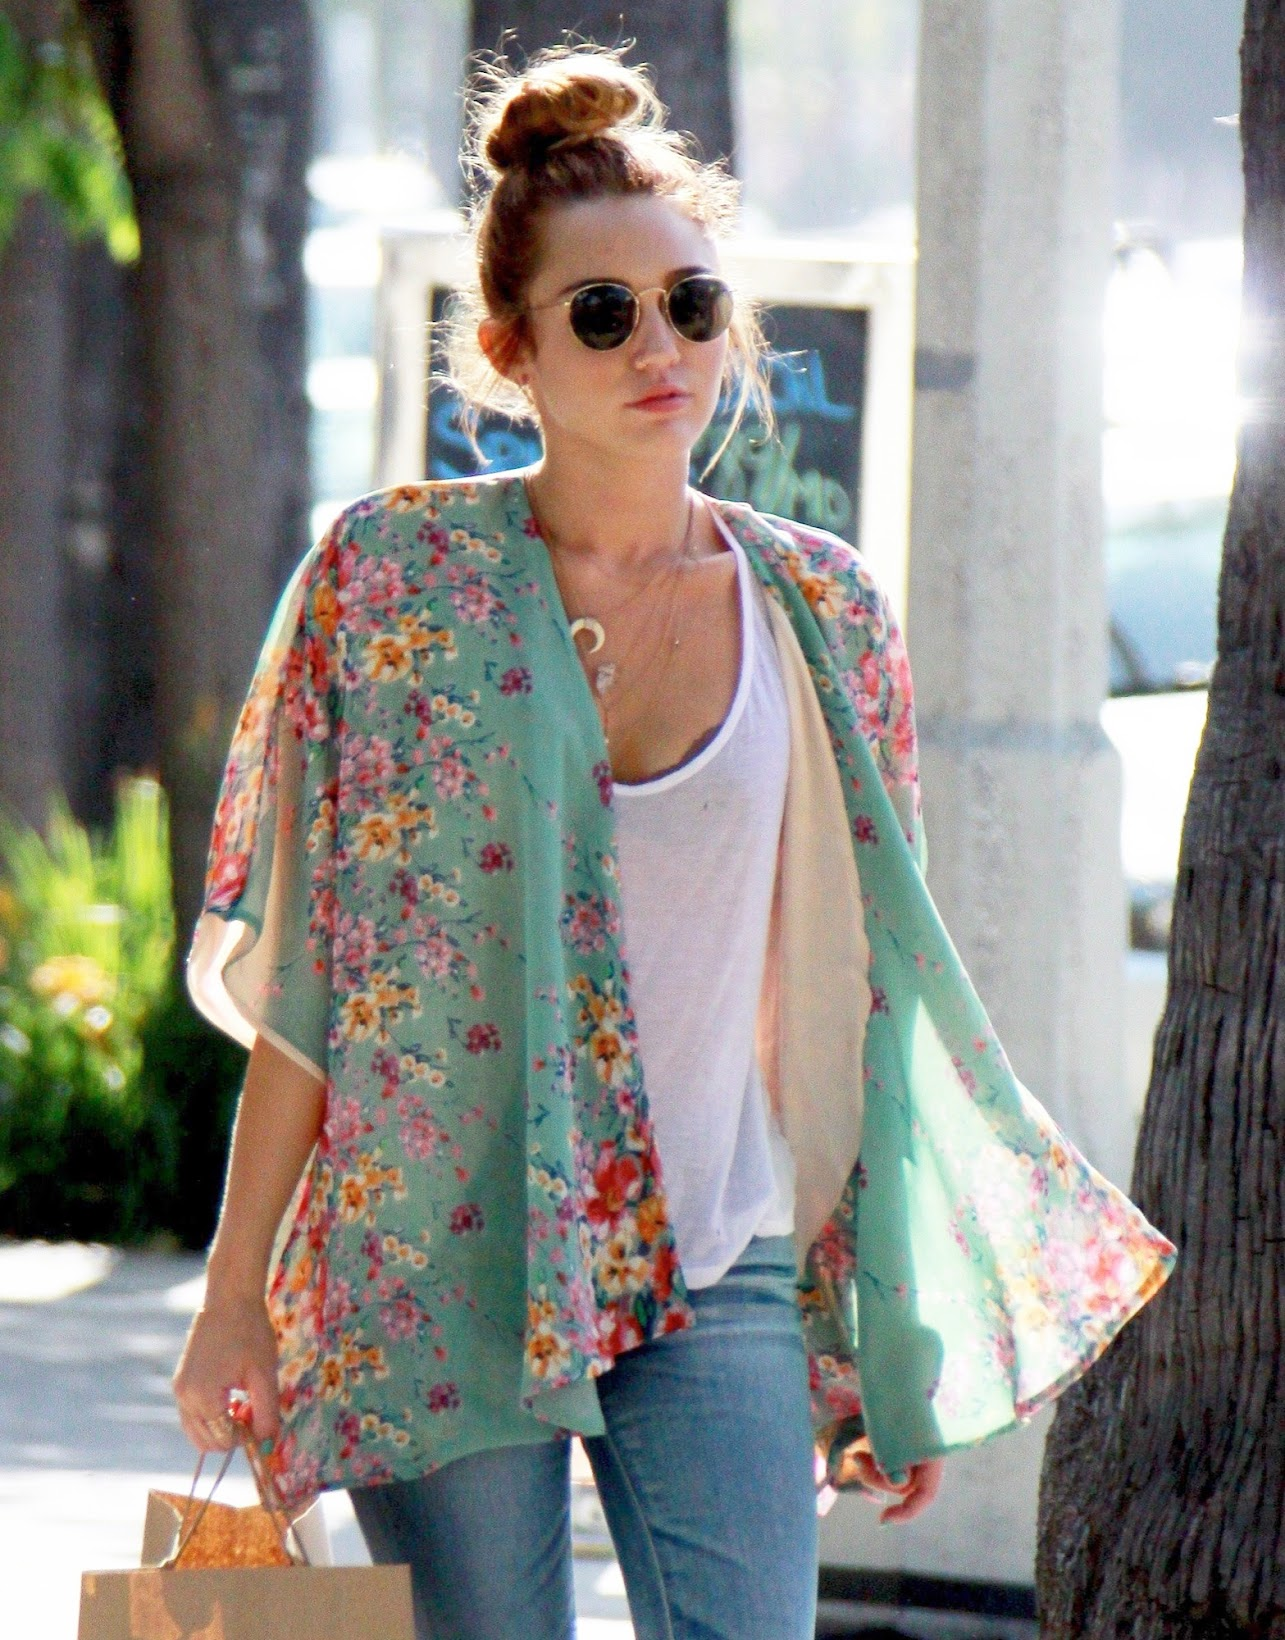 Bohemian vibes-Kimono magic | How to style kimono jackets,Miley Cyrus in kimono